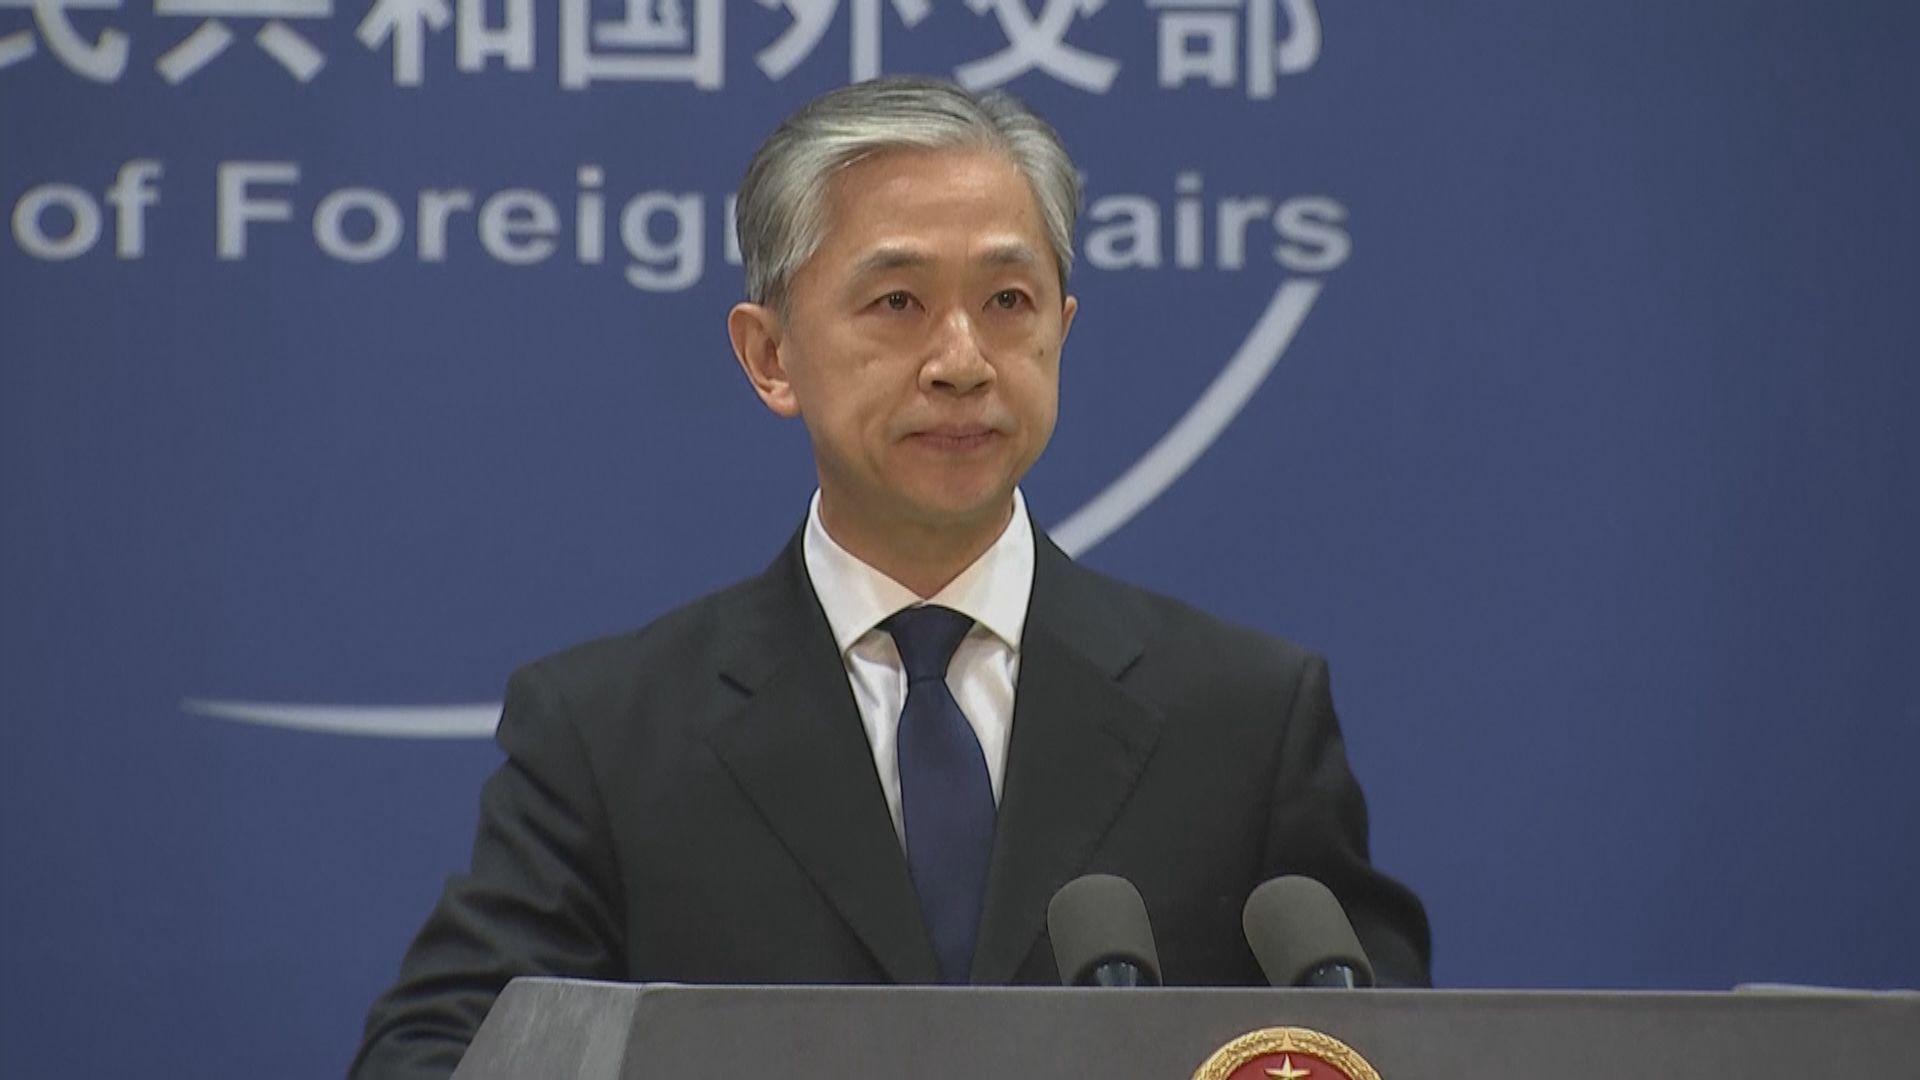 七國發公報批中國侵犯人權 外交部:指責沒事實依據